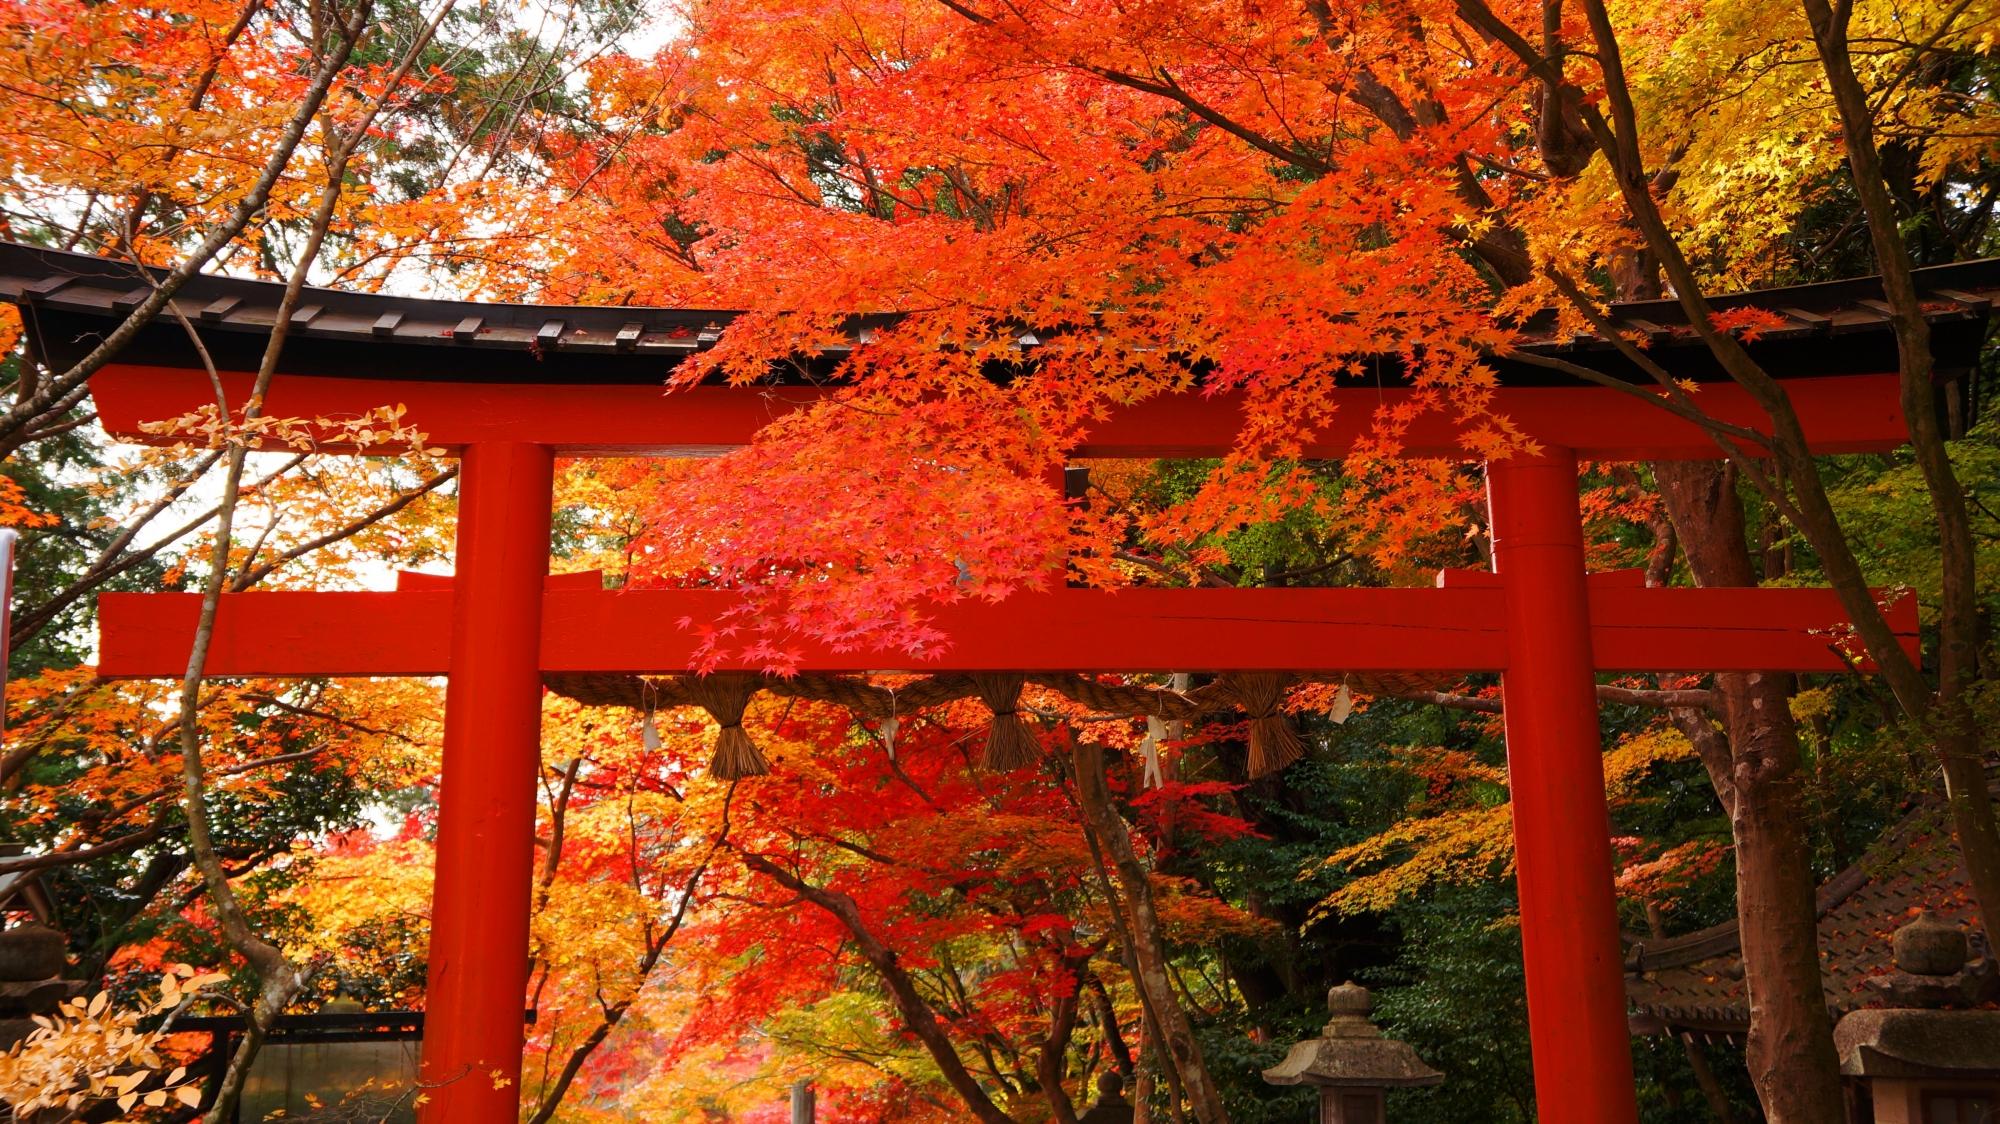 大原野神社の赤い鳥居を彩る鮮やかな紅葉